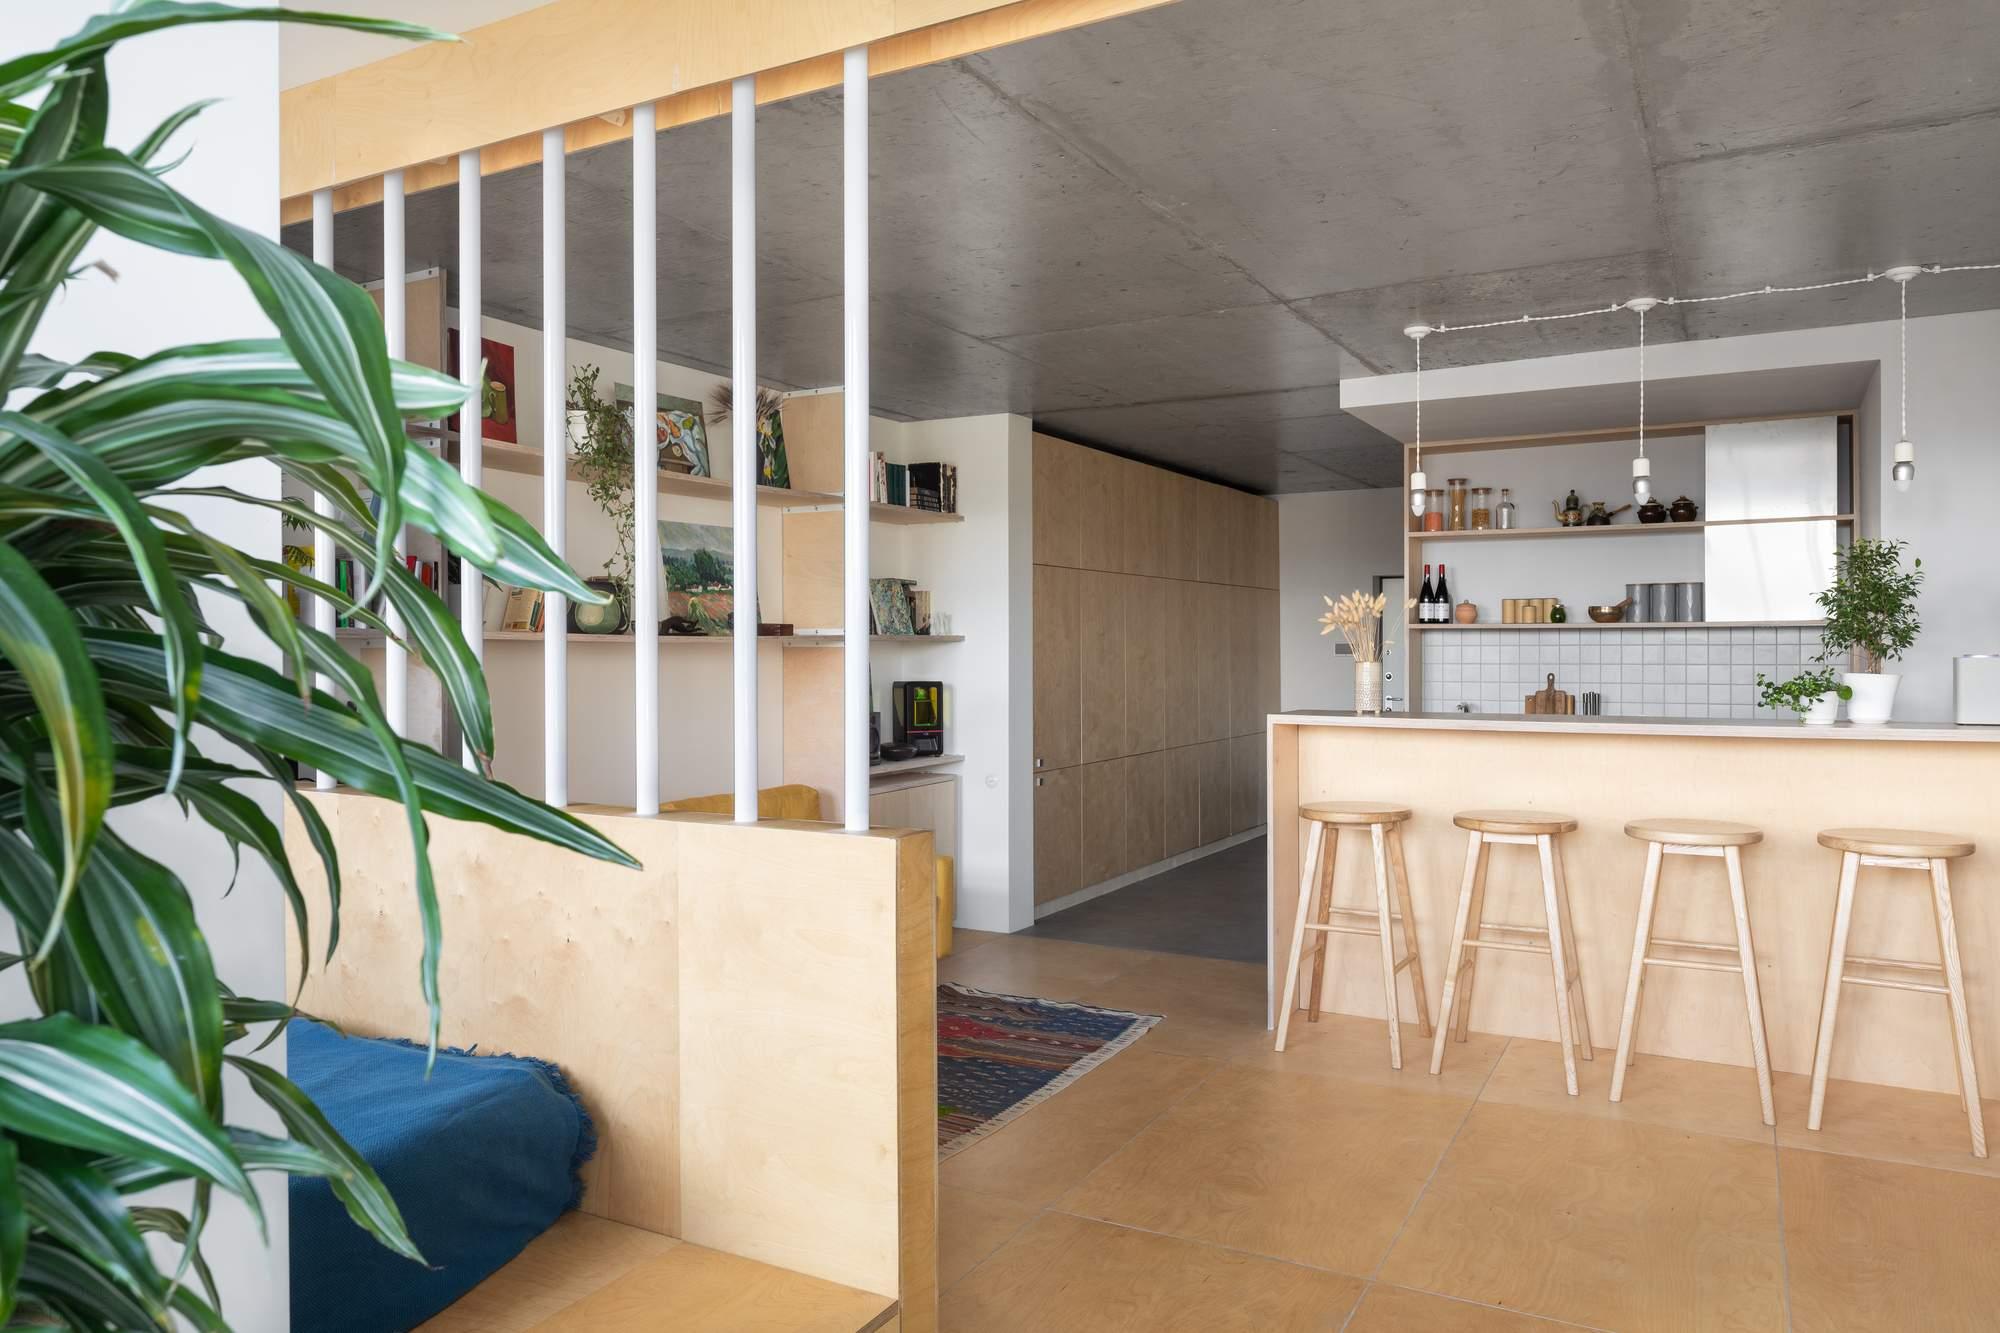 Небольшая московская квартира с элегантным уютным дизайном, Россия